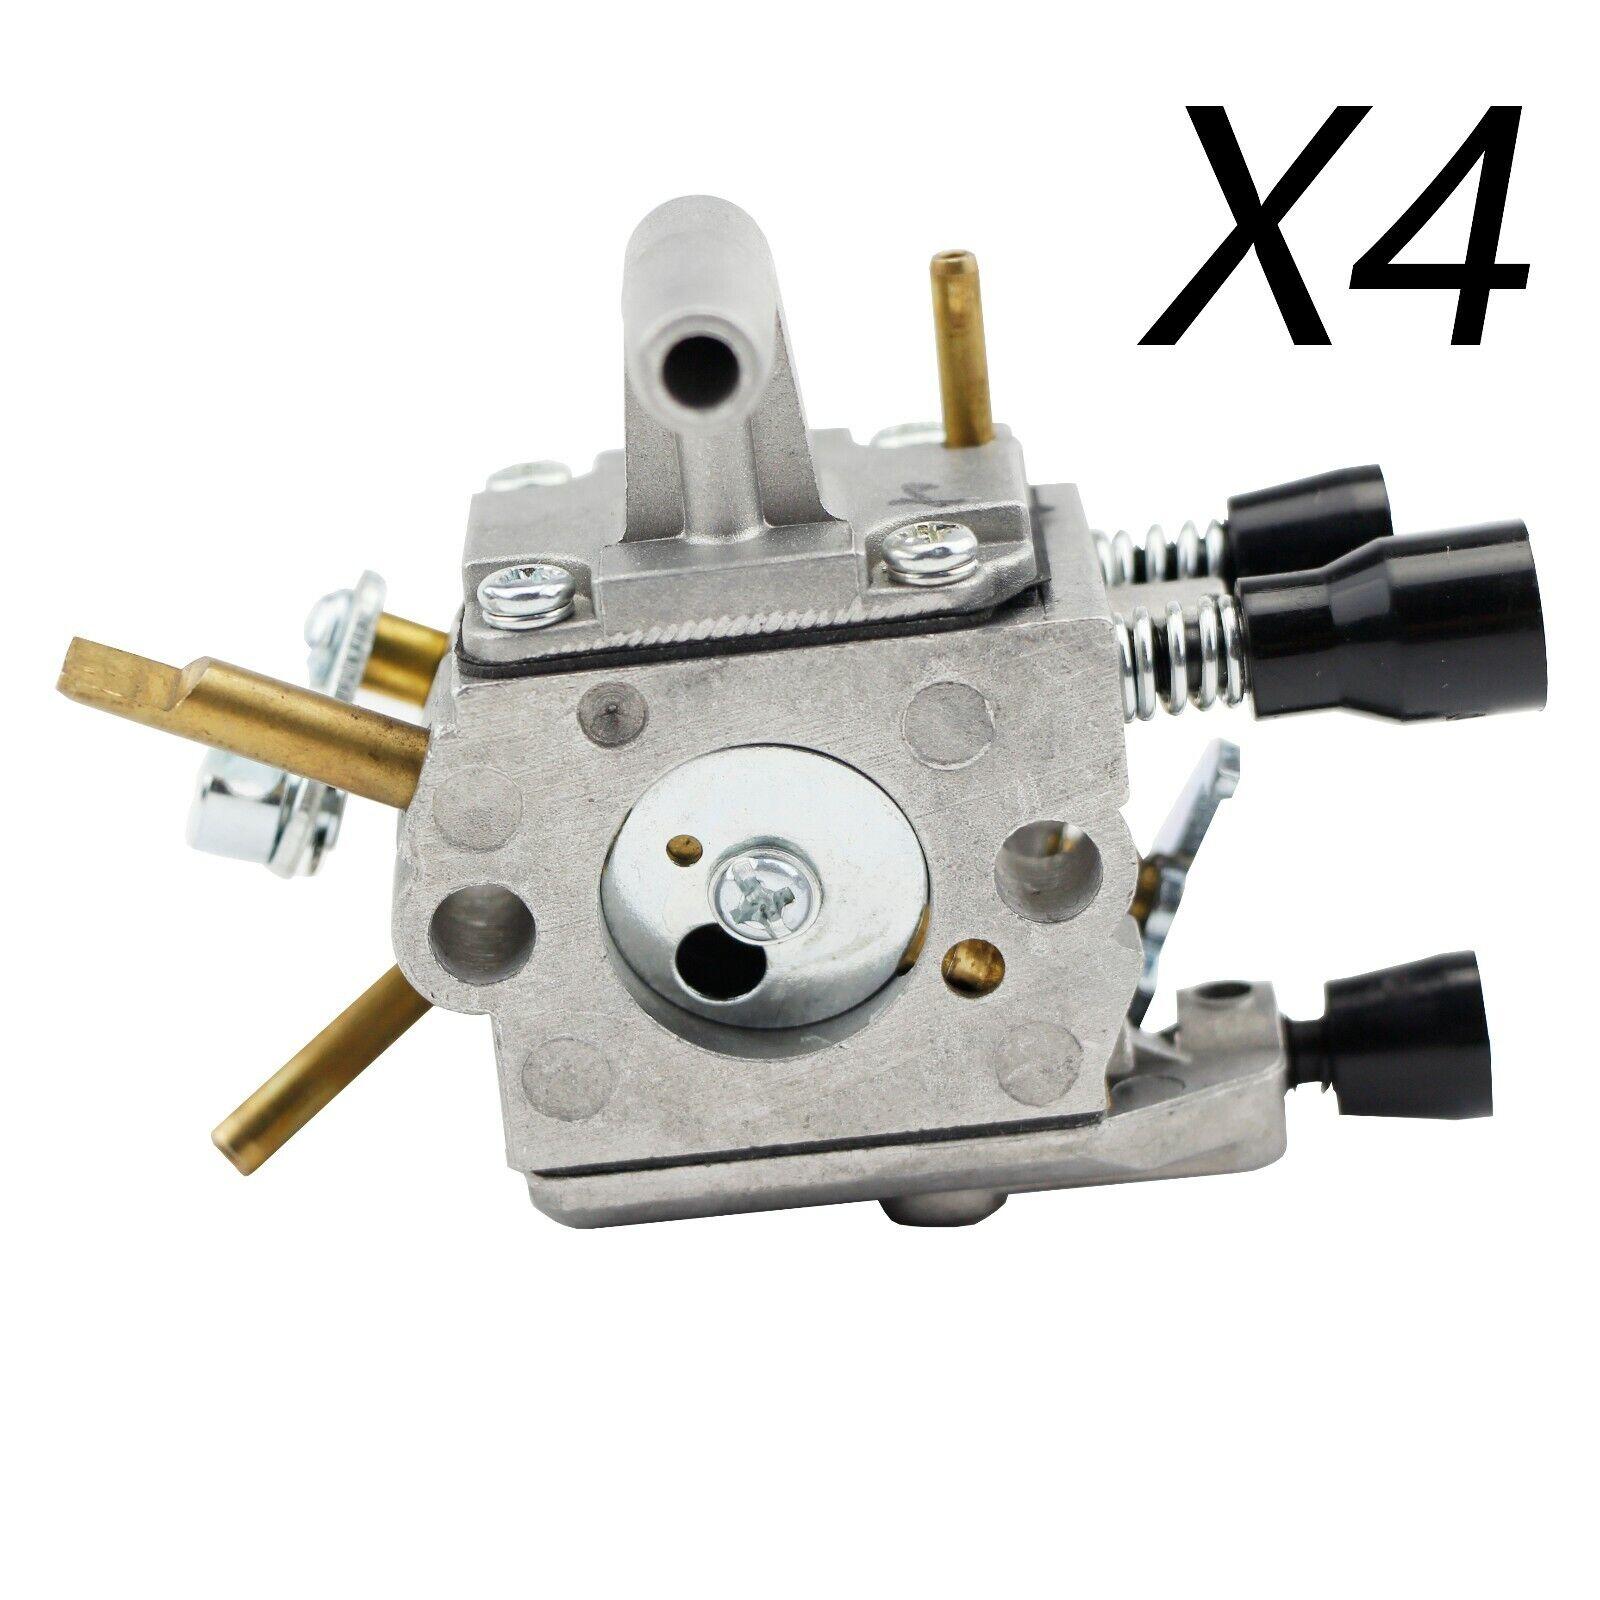 4X Cocheburador para Stihl FS120 FS200 FS250 Podadora Desbrozadora OEM 4134 120 0603